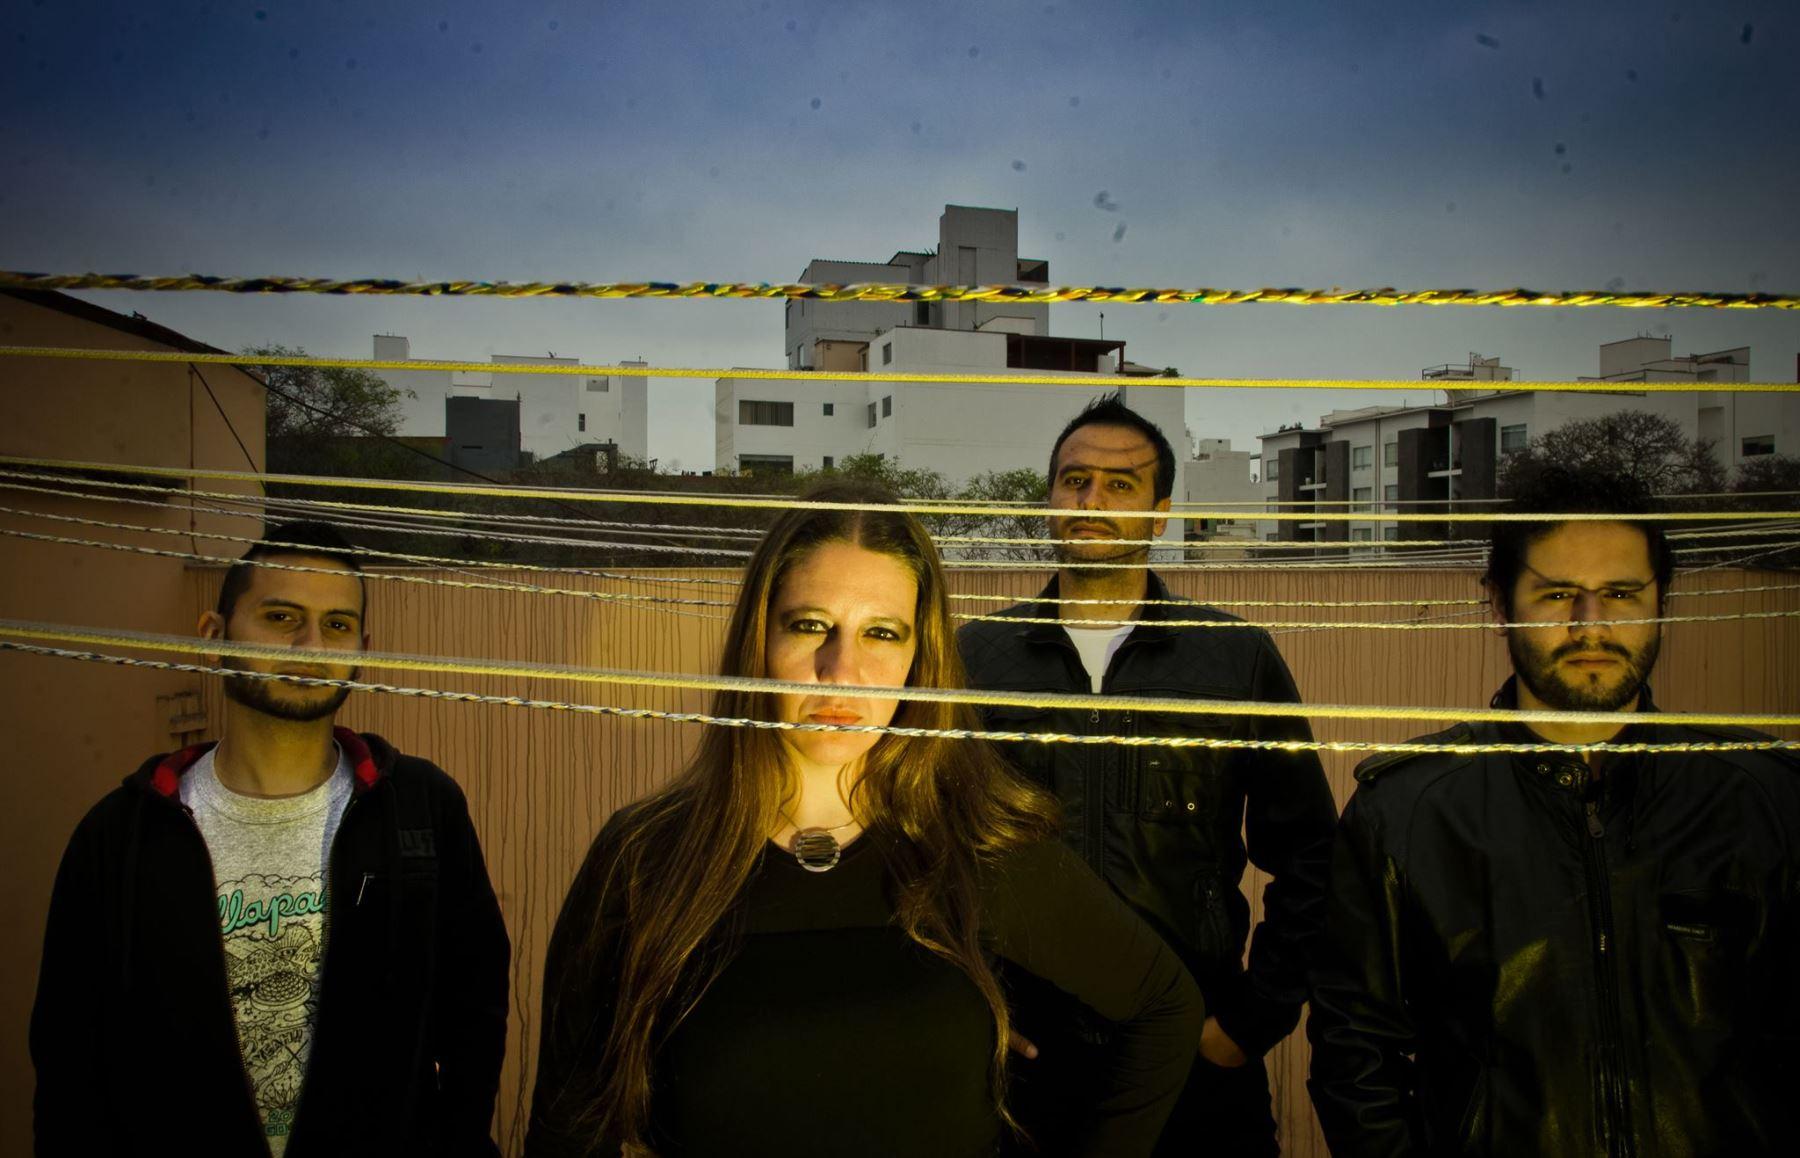 Ni Voz Ni Voto tiene 5 discos en estudio, todos influenciados por el estilo conocido como nu metal.